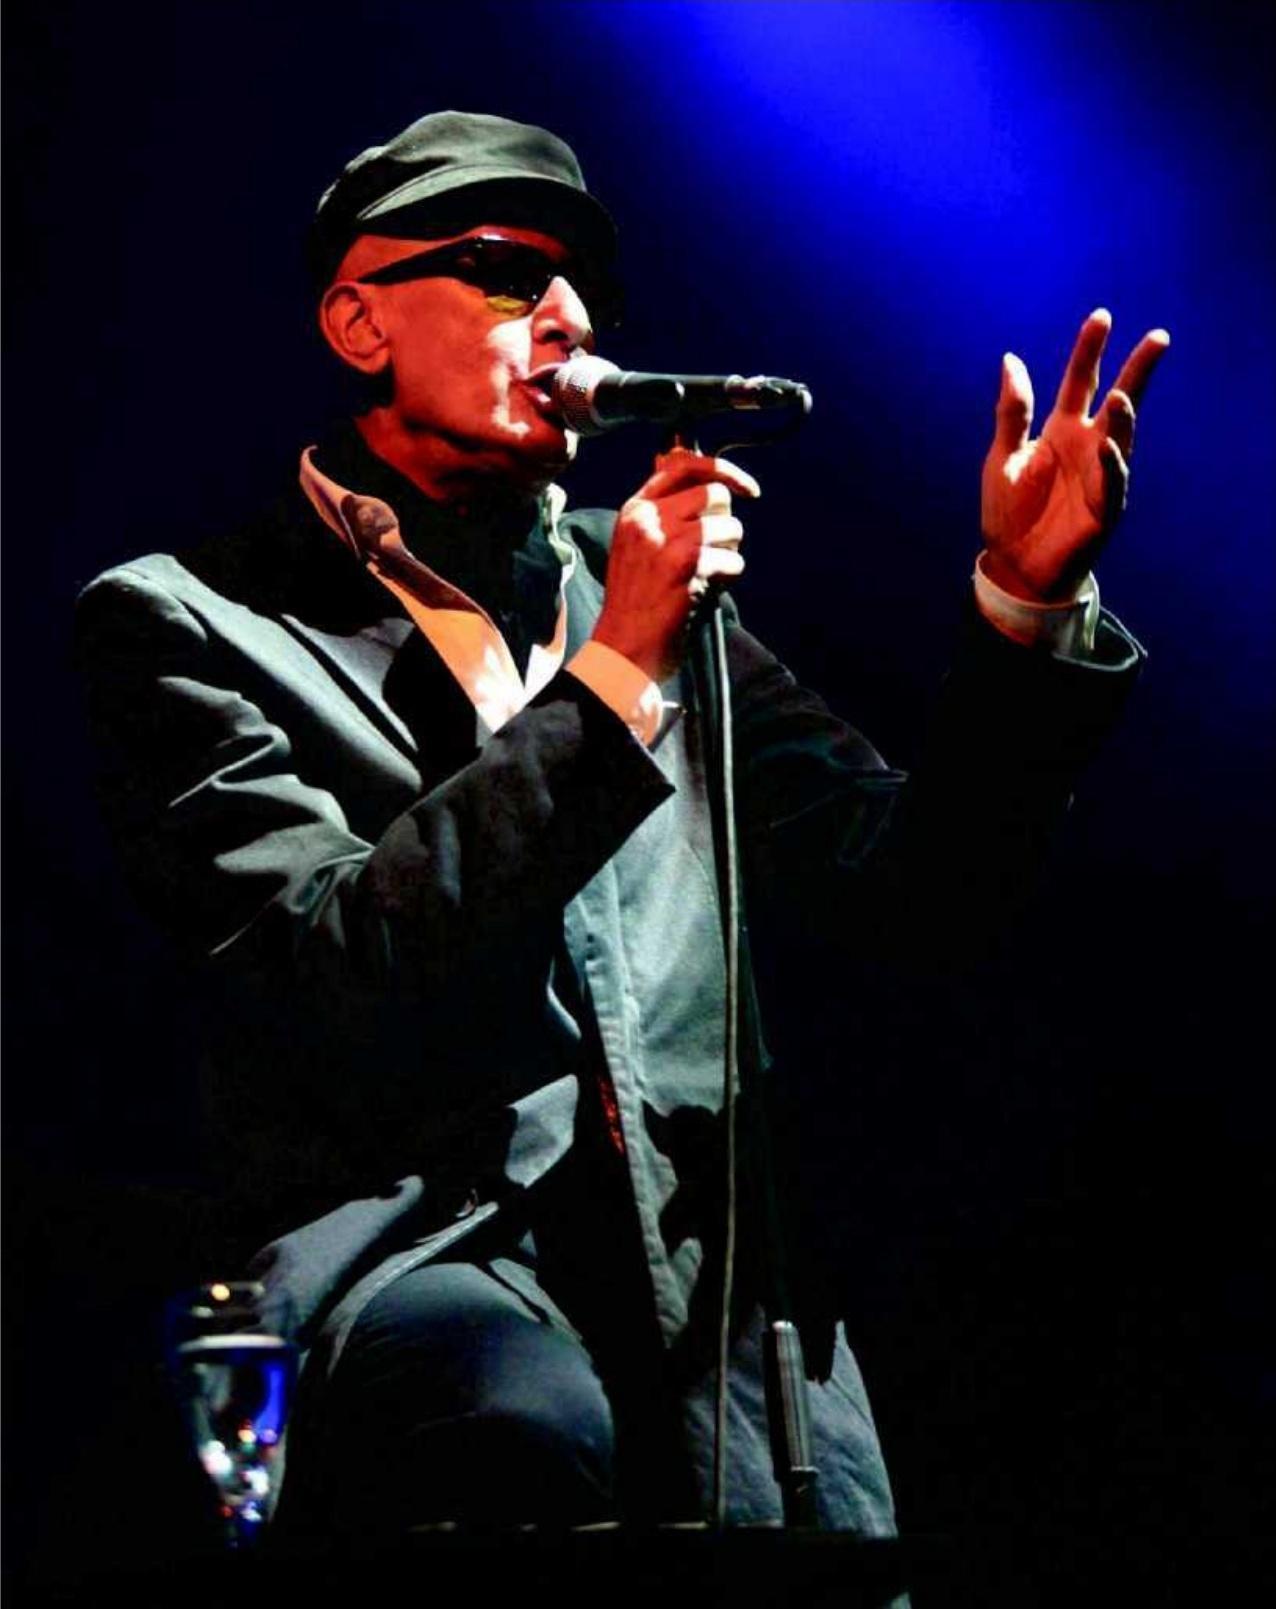 PROPOS RECUEILLIS PAR YANNICK DELNESTE,y.delneste@sudouest.fr,Alain Bashung, lors de sa dernière tournée en août 2008 à Monpazier (24), au festival L'Été en Bergerac, après la sortie de son dernier opus, « Bleu pétrole ». PHOTO ARCHIVES MARIE SEILLERY